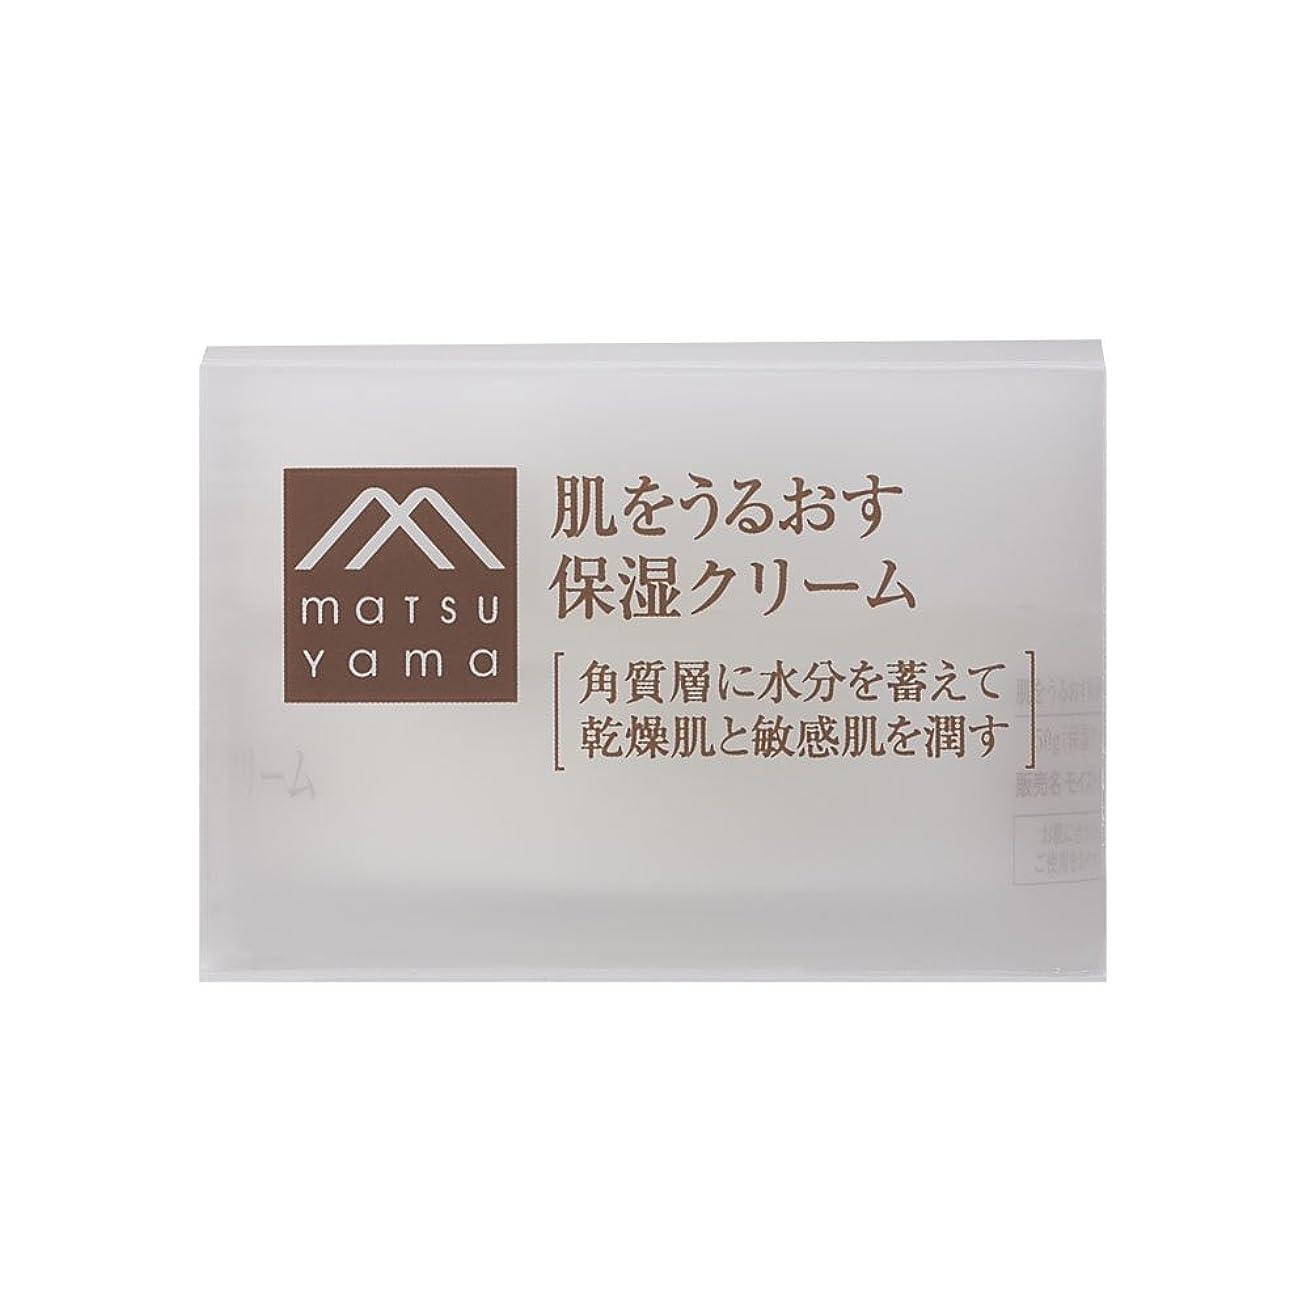 カッターアレルギー性芝生肌をうるおす保湿クリーム(クリーム) 濃厚クリーム [乾燥肌 敏感肌]